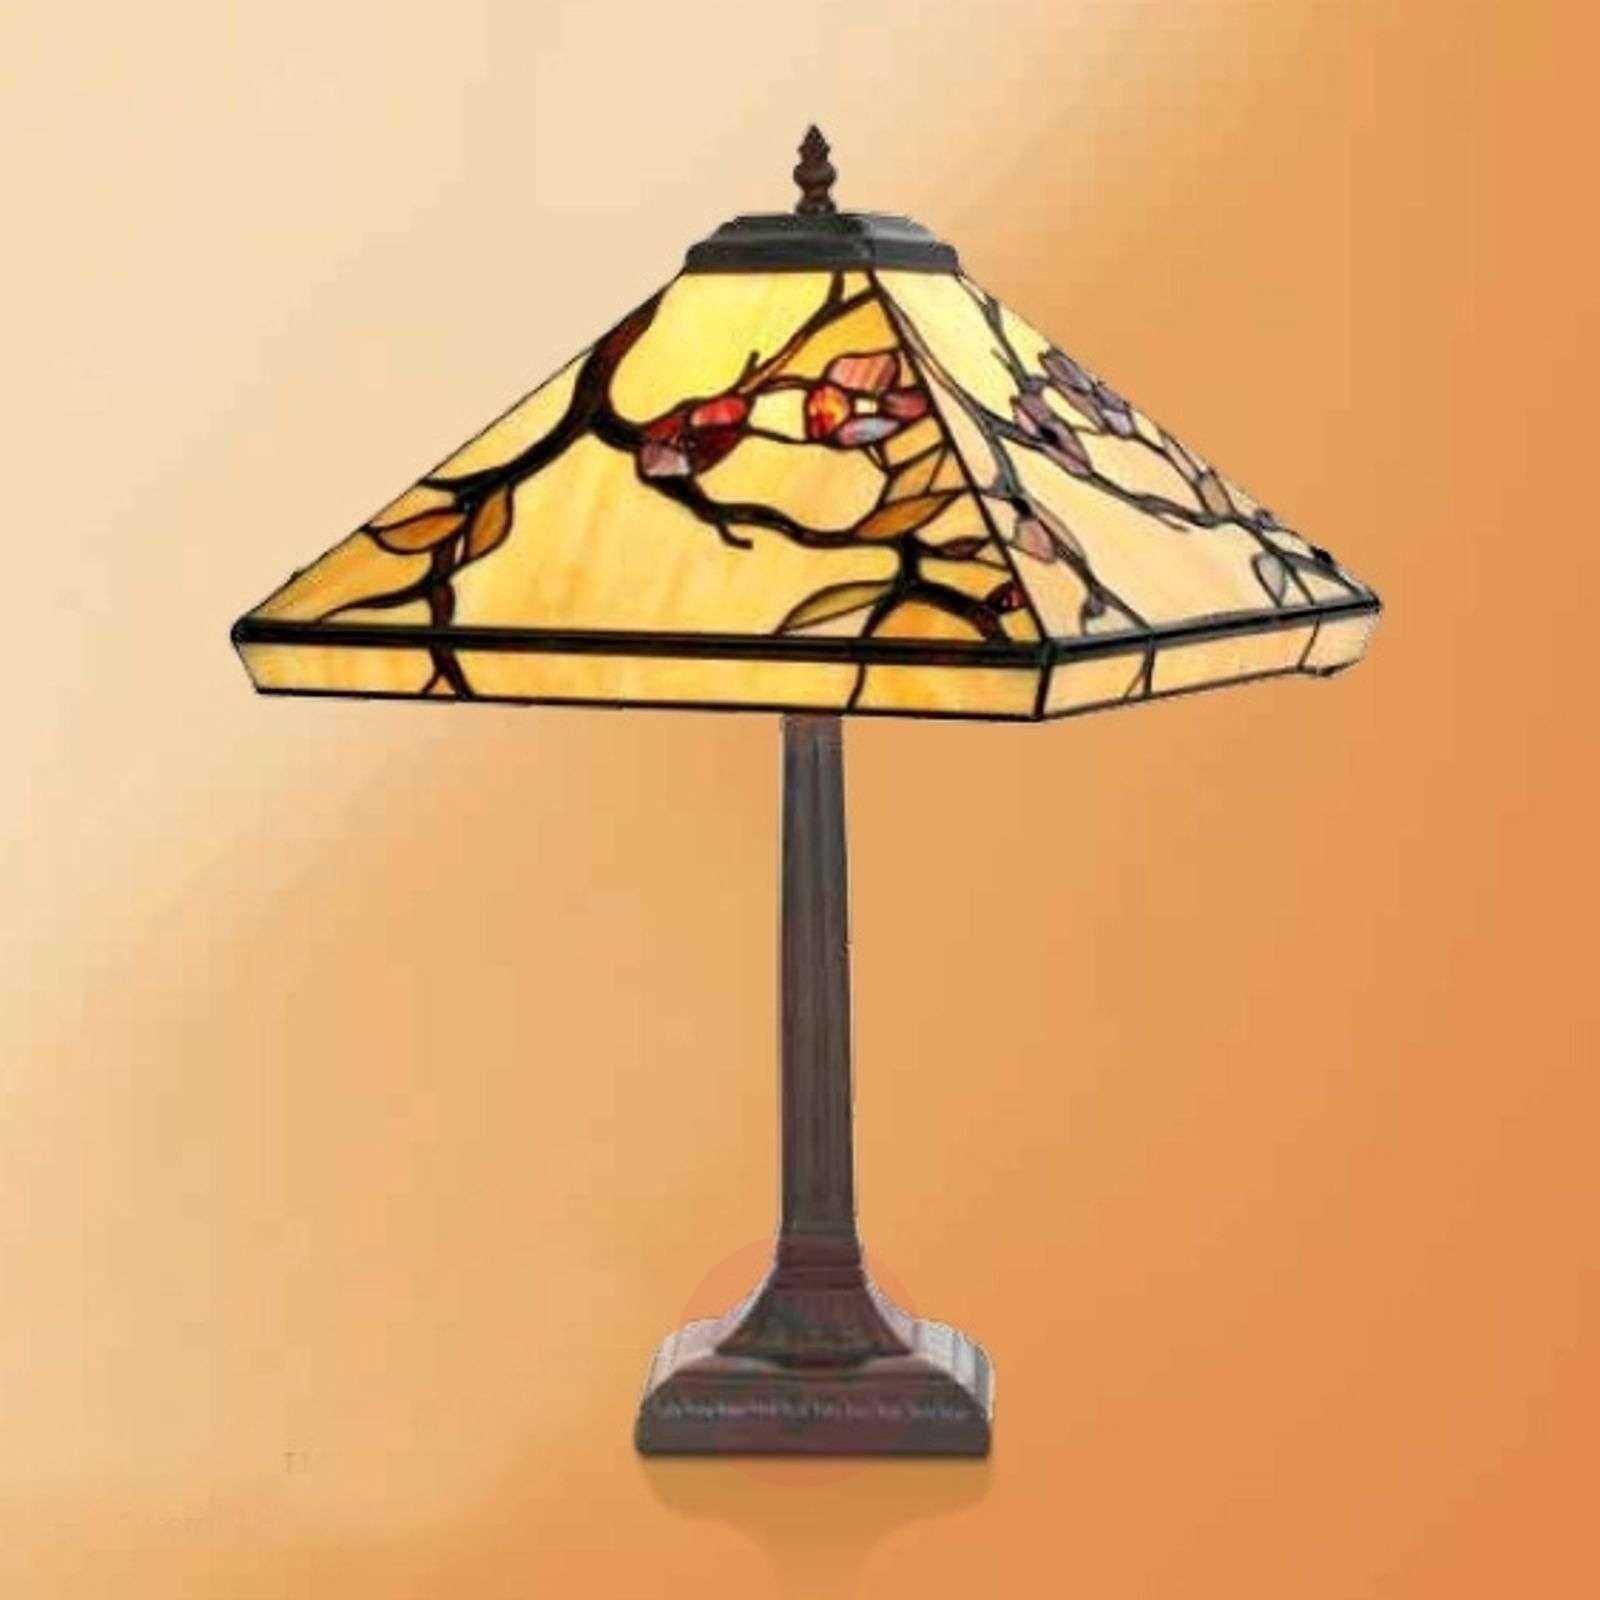 Table lamp Juliett in Tiffany style, 52 cm-1032288-01